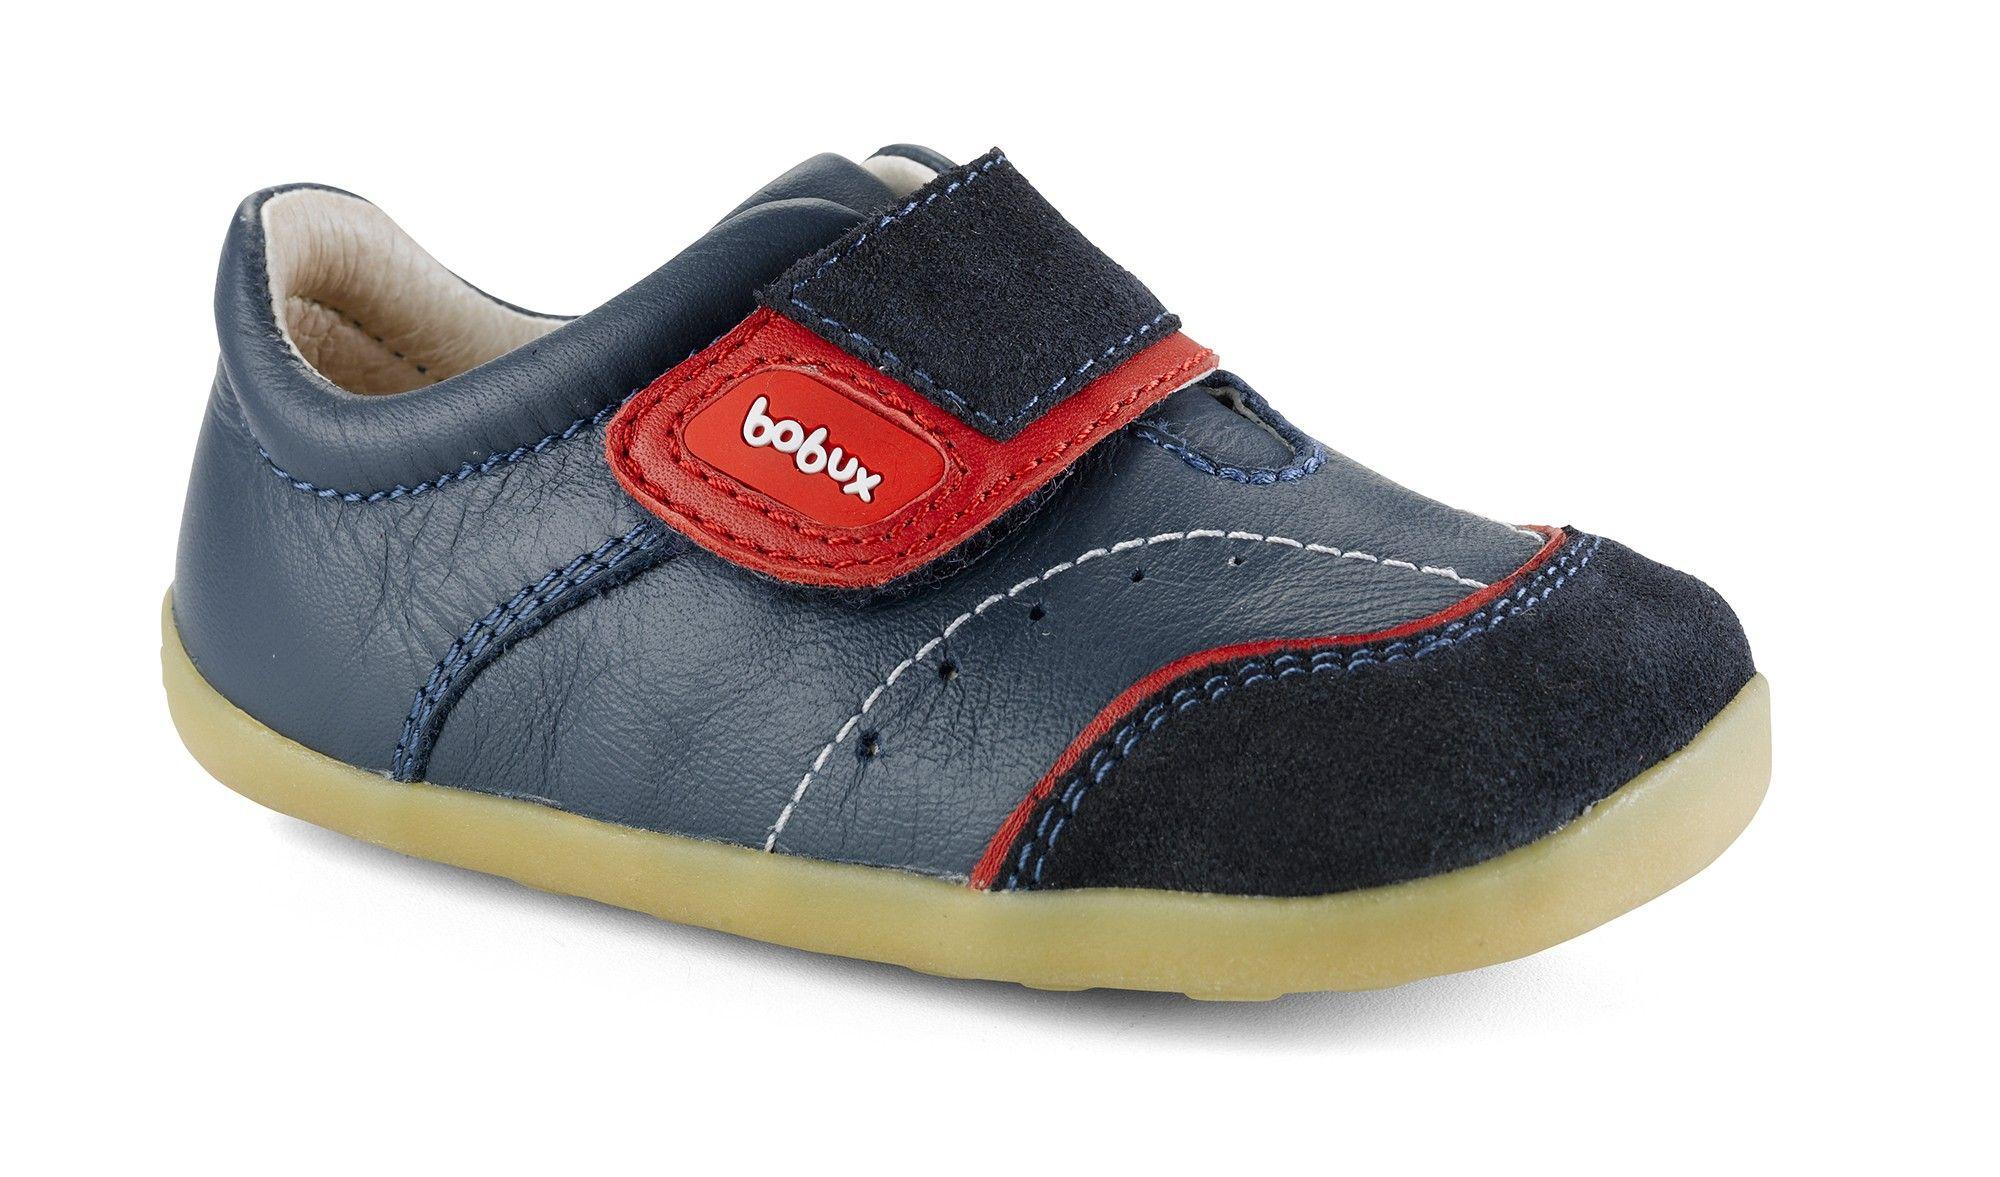 Zapatos fucsia de primavera con velcro formales Bobux infantiles  Negro (BLACKC9999) Geox U Dublin A - Zapatillas para hombre  38.5  Transparence (Clr/Blk)  41 0p8dOF